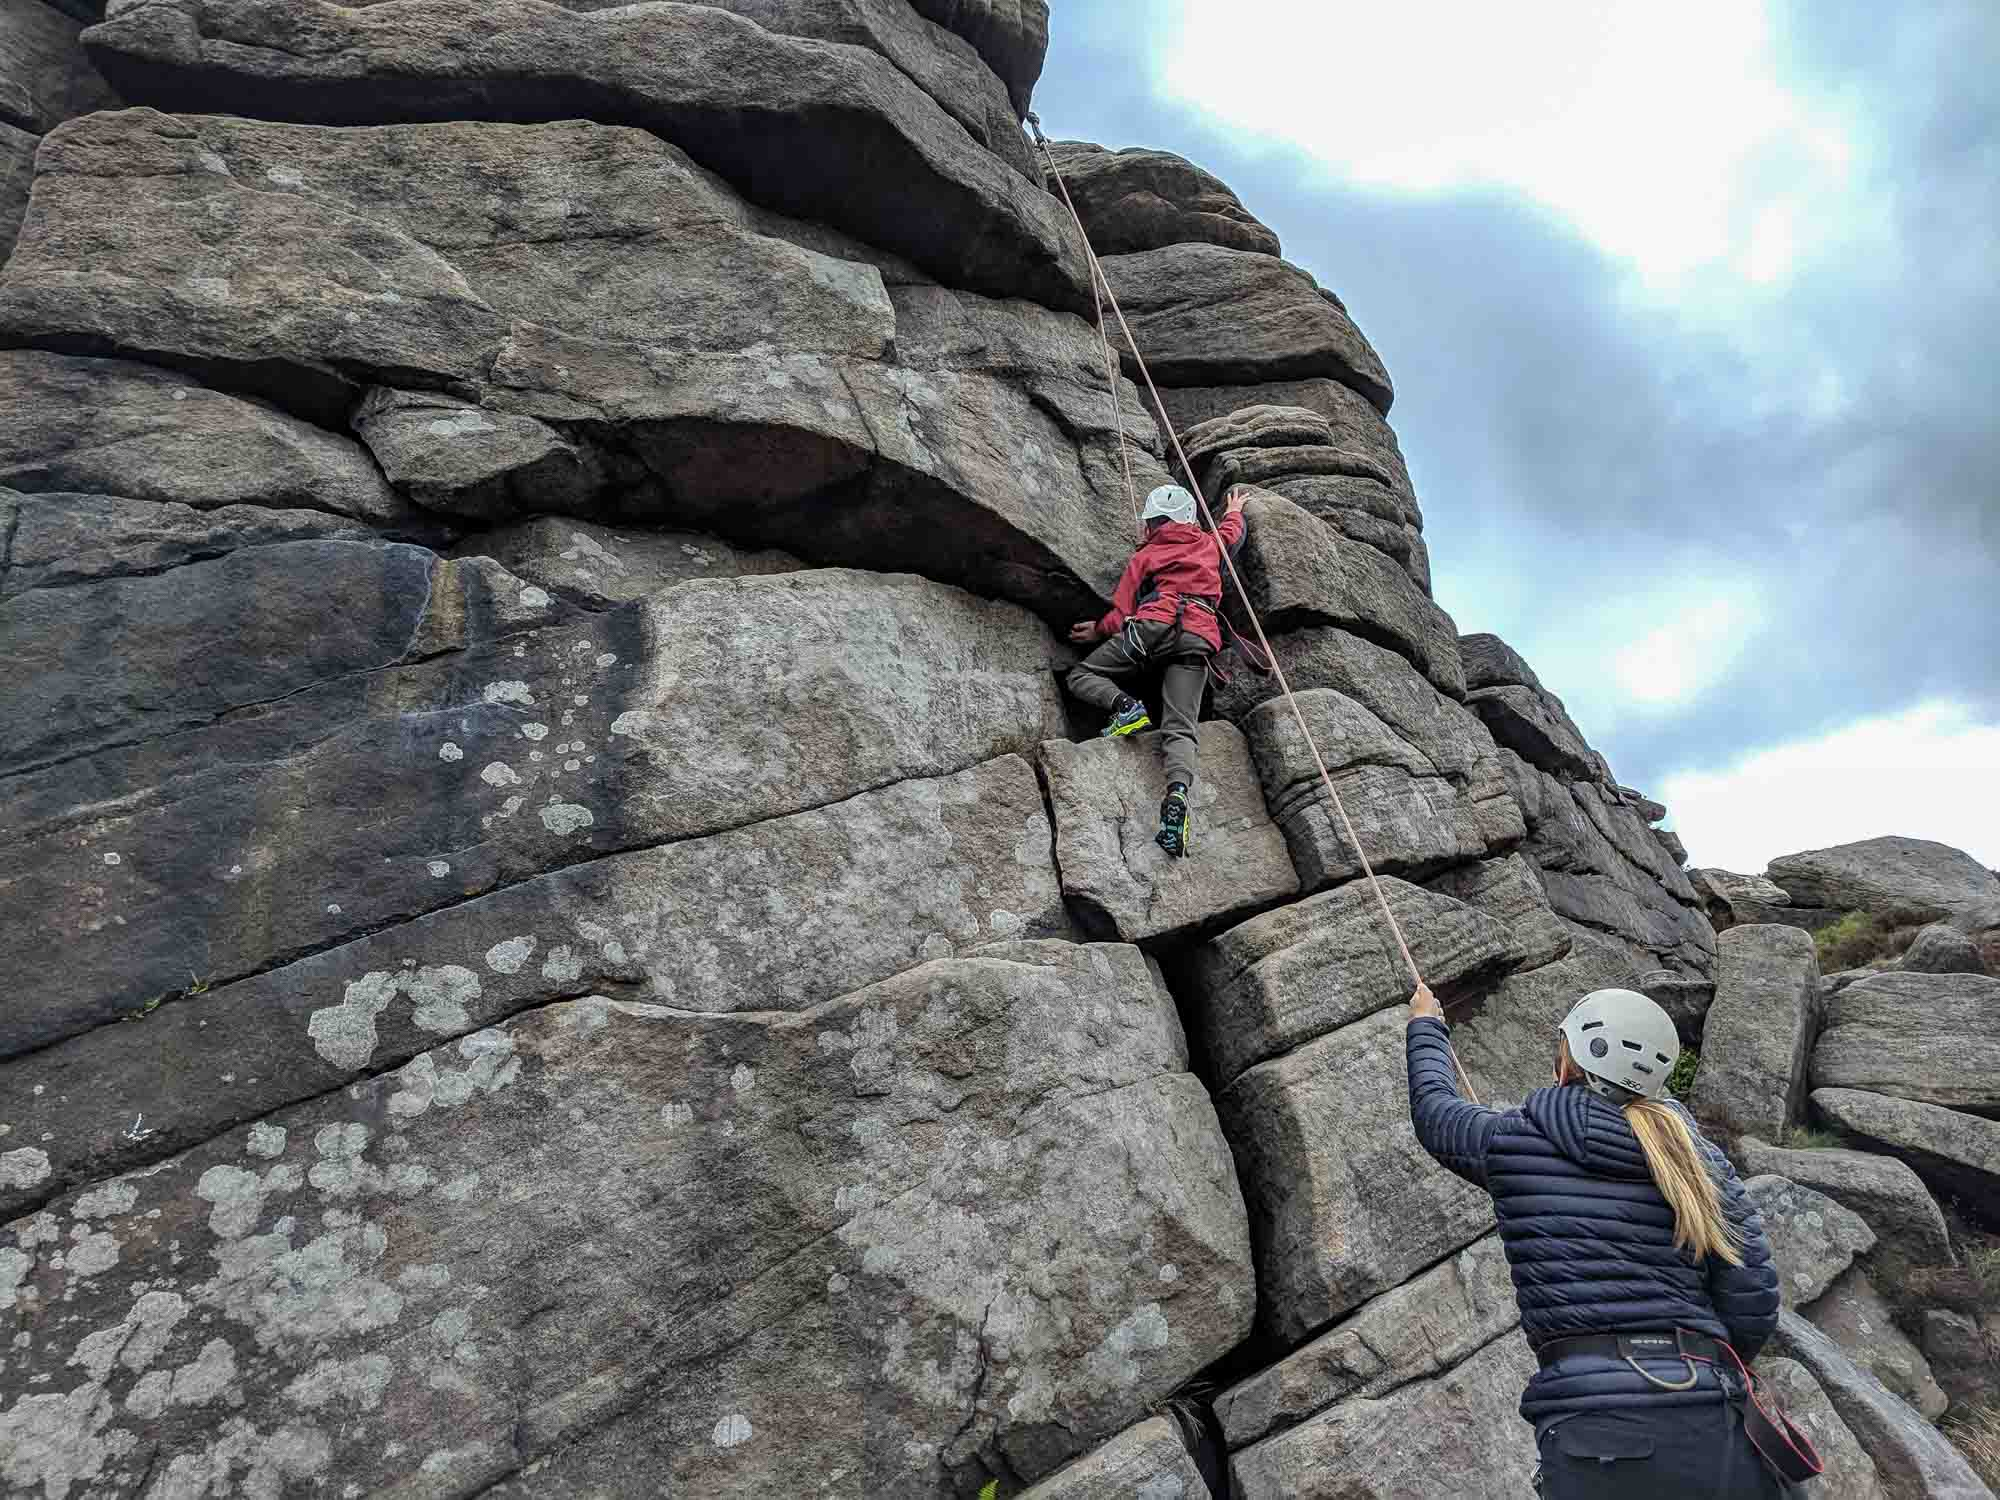 rock climbing at Burbage Rocks